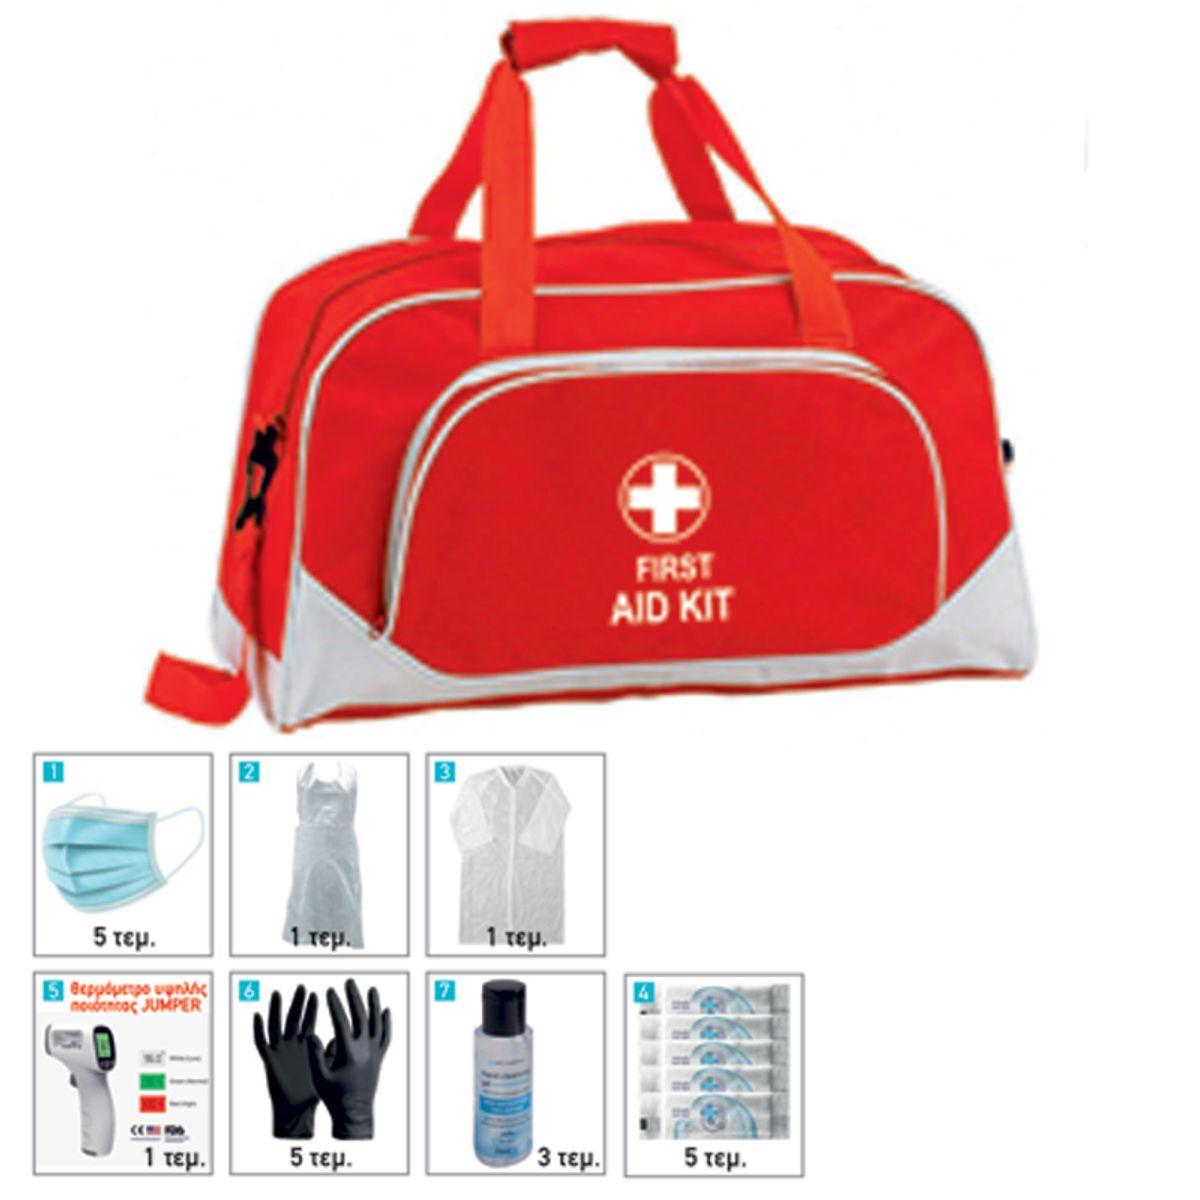 Aid Kit 2